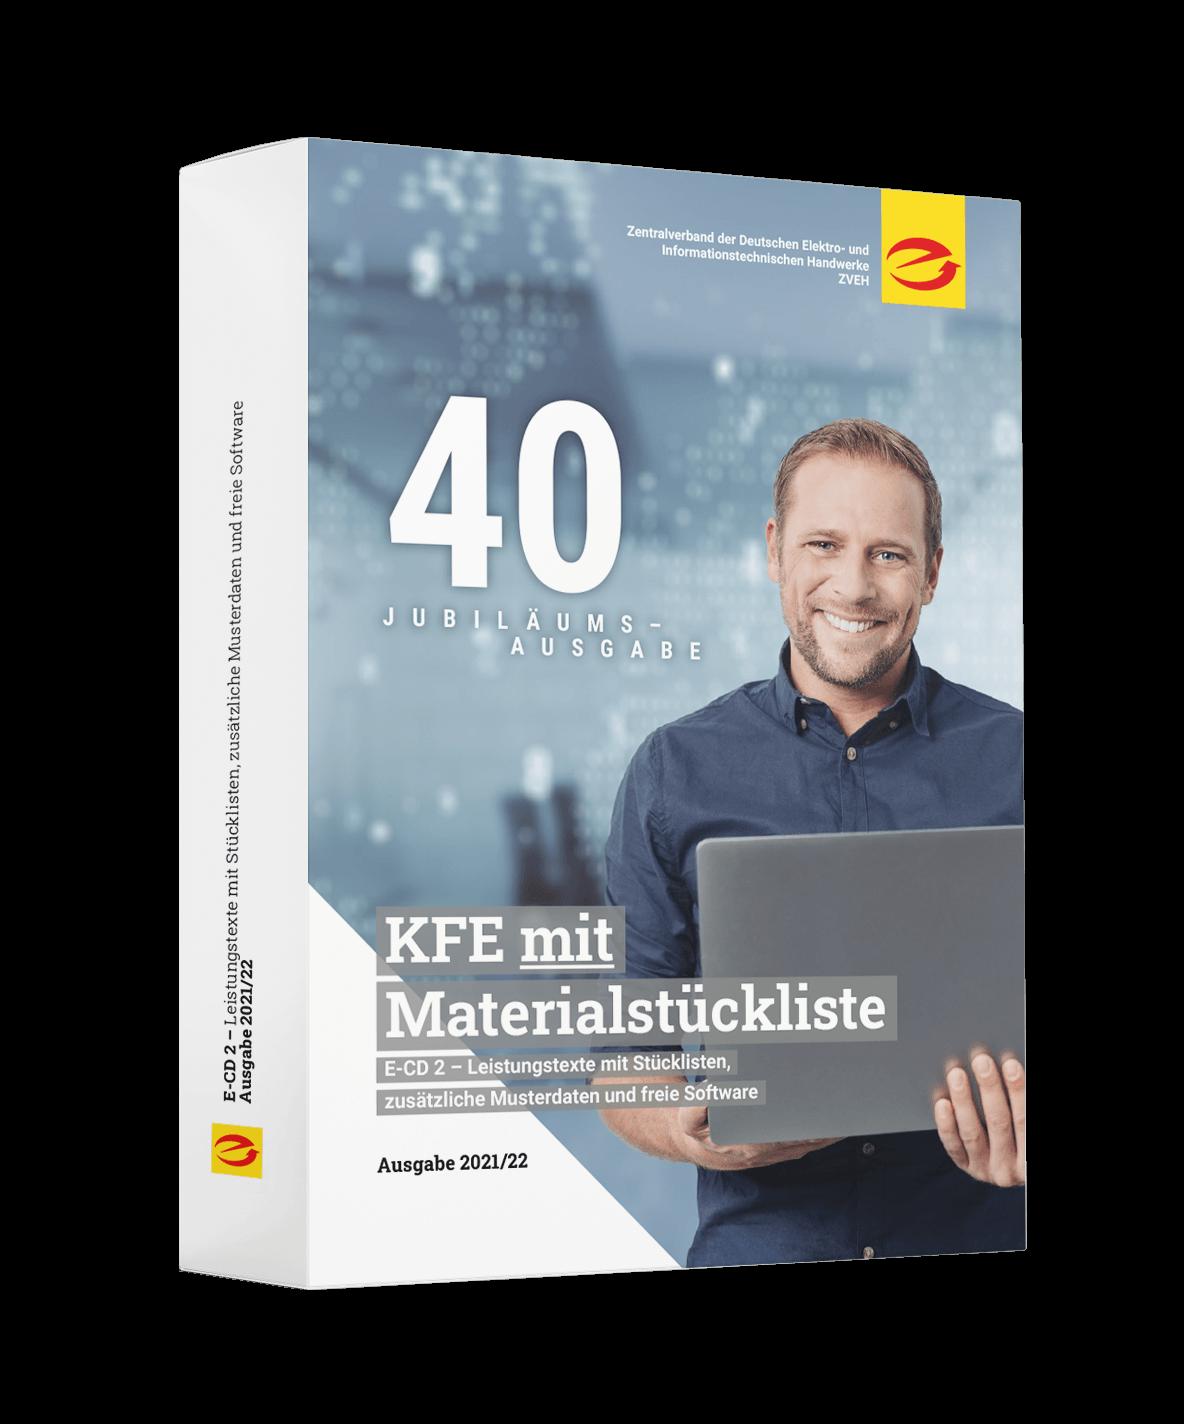 KFE-Daten mit Materialstückliste, Ausgabe 2021/22 (Lieferung ca. September 2021)